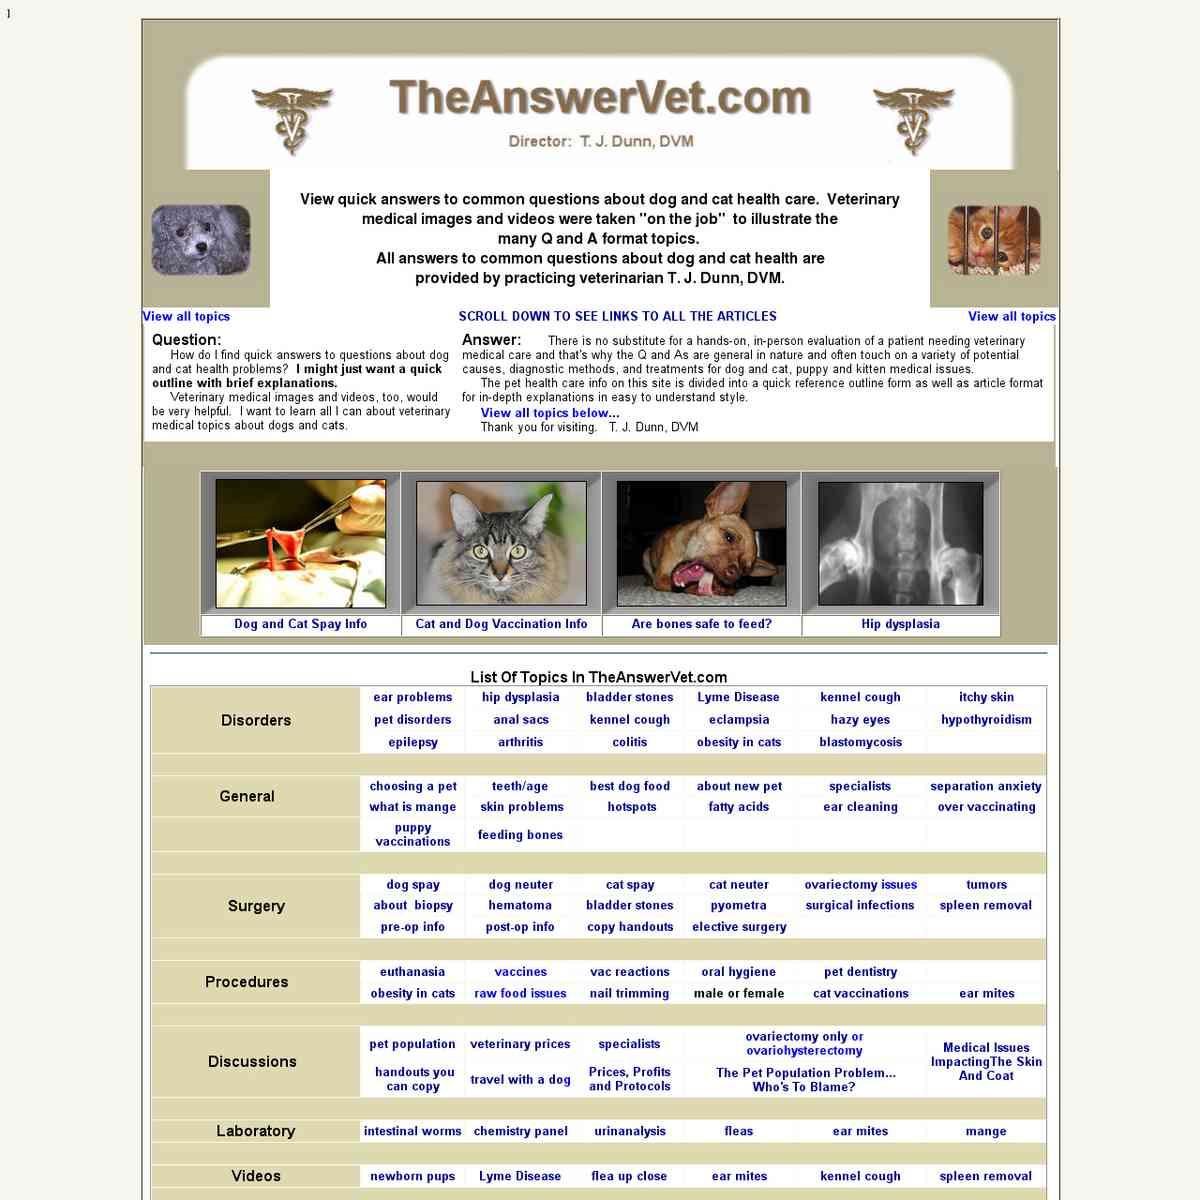 The Answer Vet - T. J. Dunn, DVM